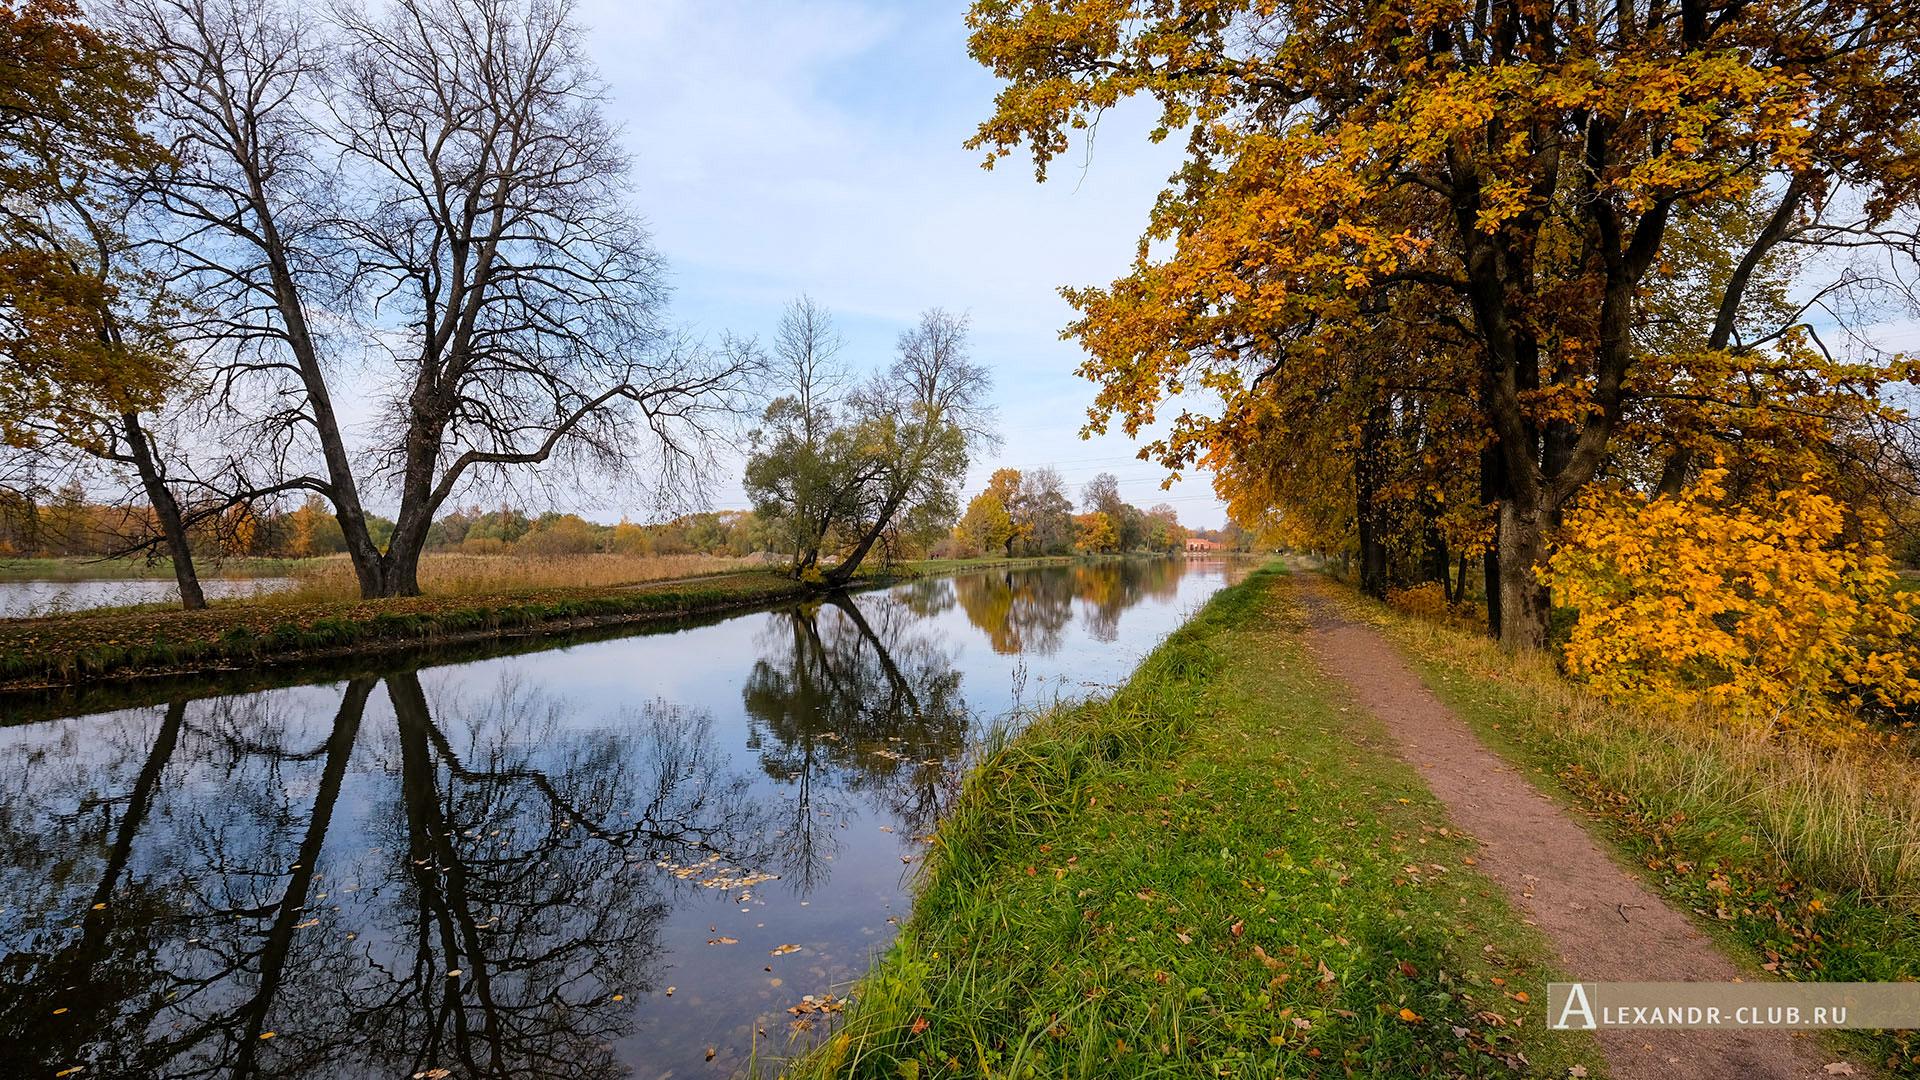 Петергоф, Луговой парк, осень, Старопетергофский канал